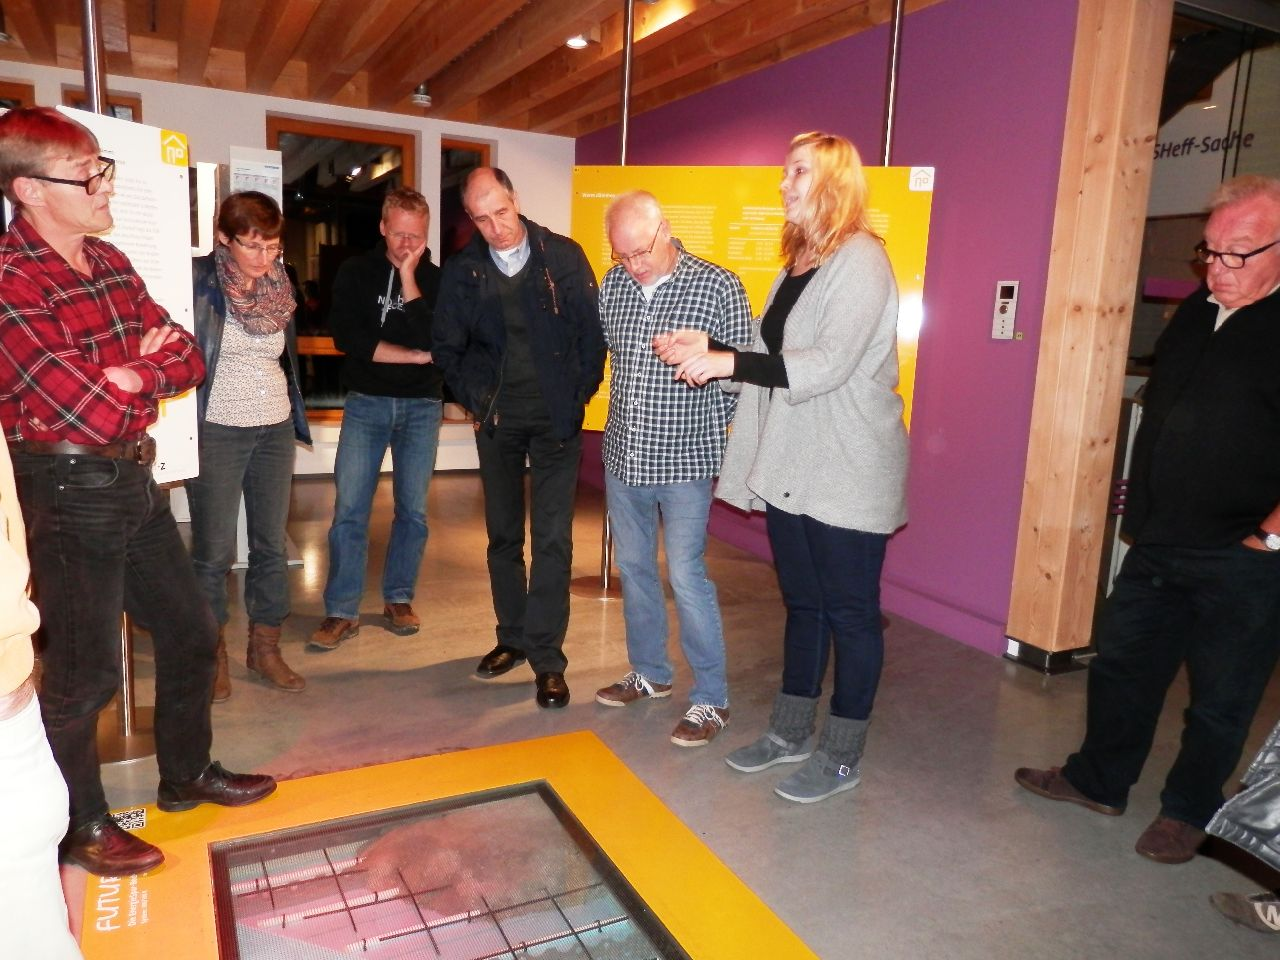 Die Teilnehmer betrachten den Aufbau der Fußbodenheizung